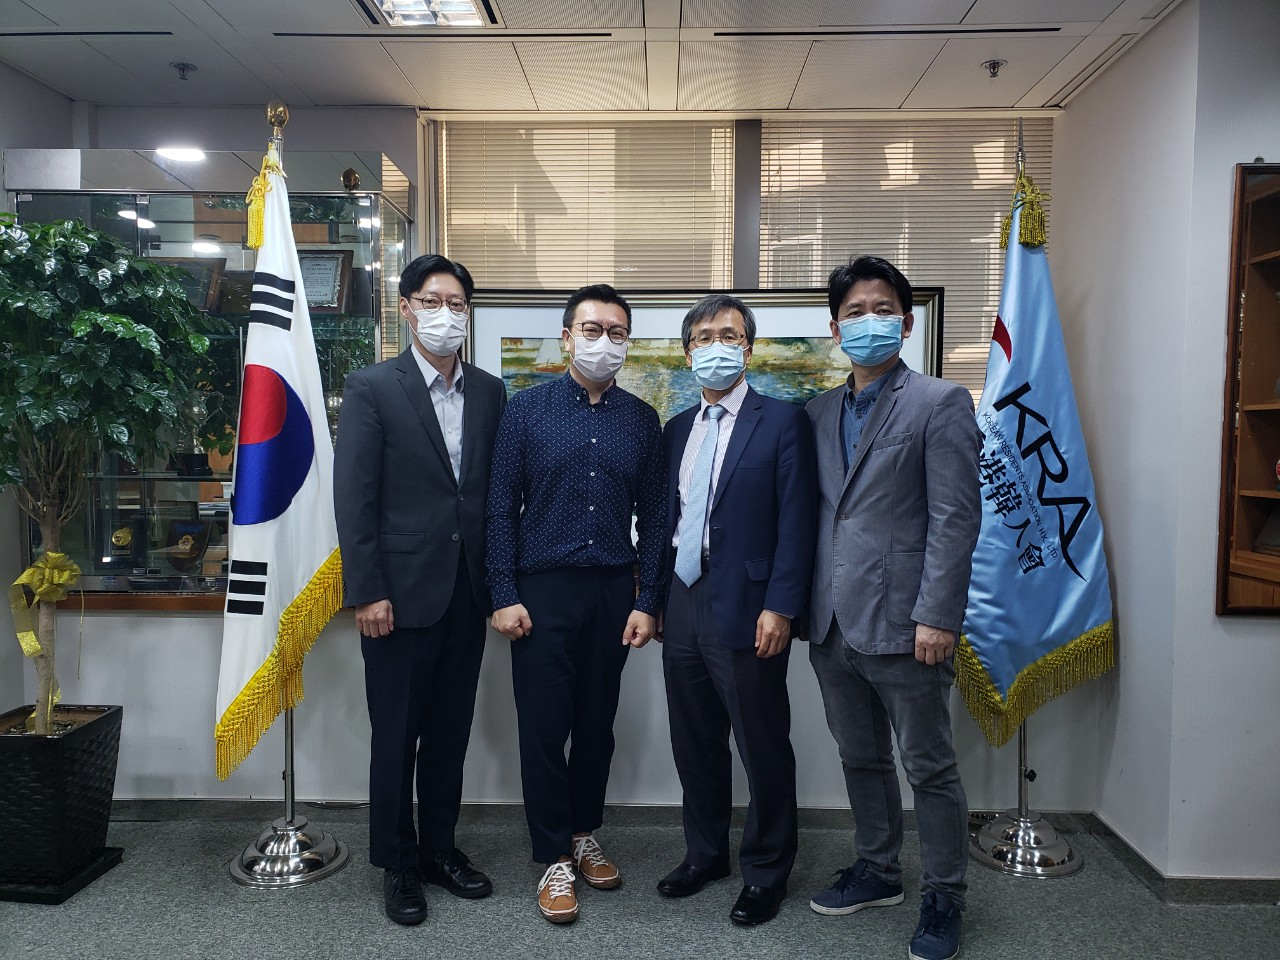 신용훈 체육회장 홍콩한인회 방문.jpg